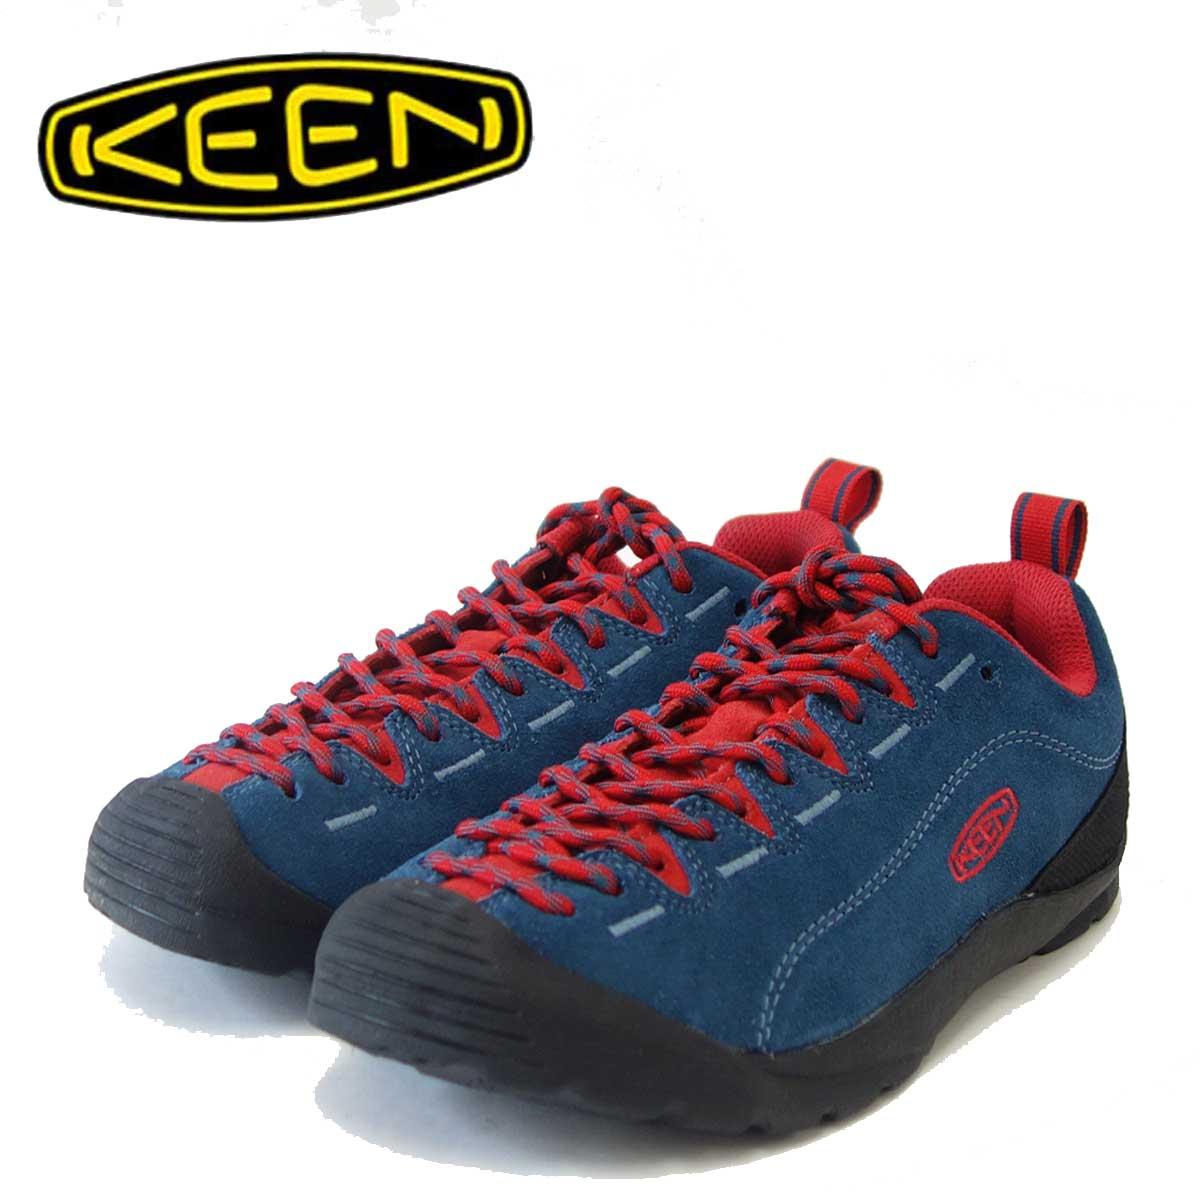 KEEN キーン JASPER ジャスパー 1017364(ウィメンズ)カラー:Legion Blue / True Red コンフォートラストのクライミングデザイン「靴」